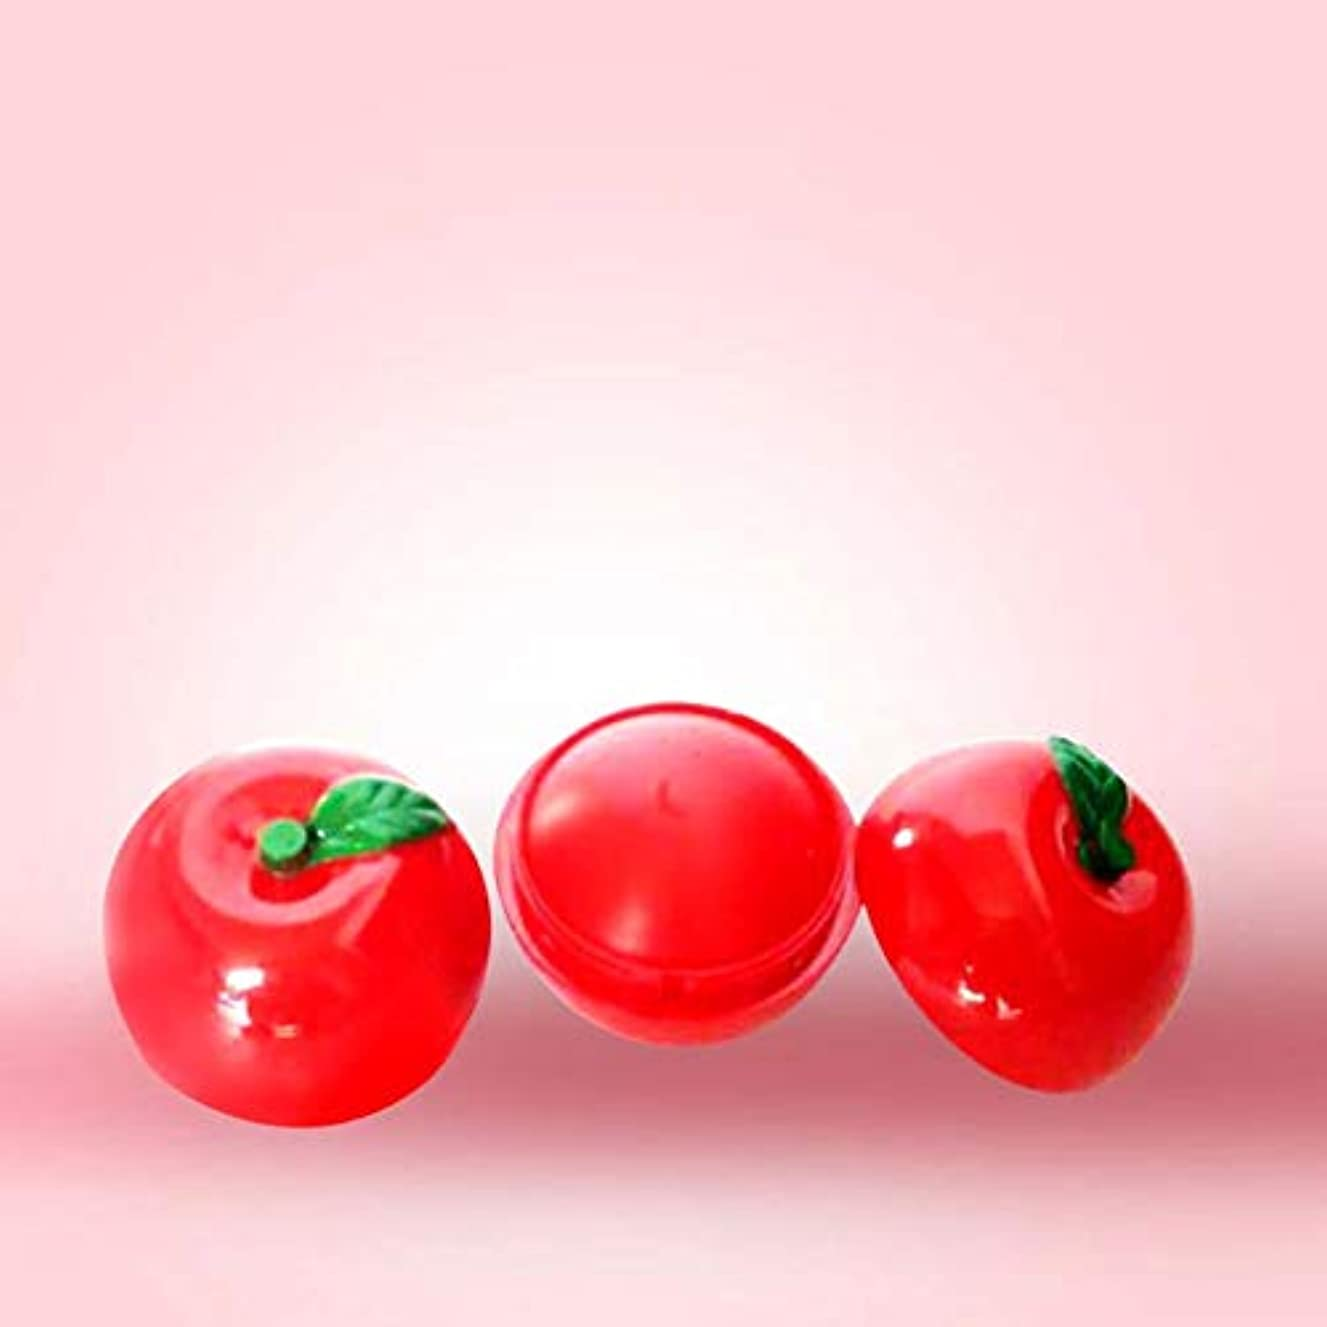 KISSION 保湿と持続するリップクリーム ベビーリップスキンケア かわいいリンゴの球形の口紅 栄養と保湿 修理水リップスティック